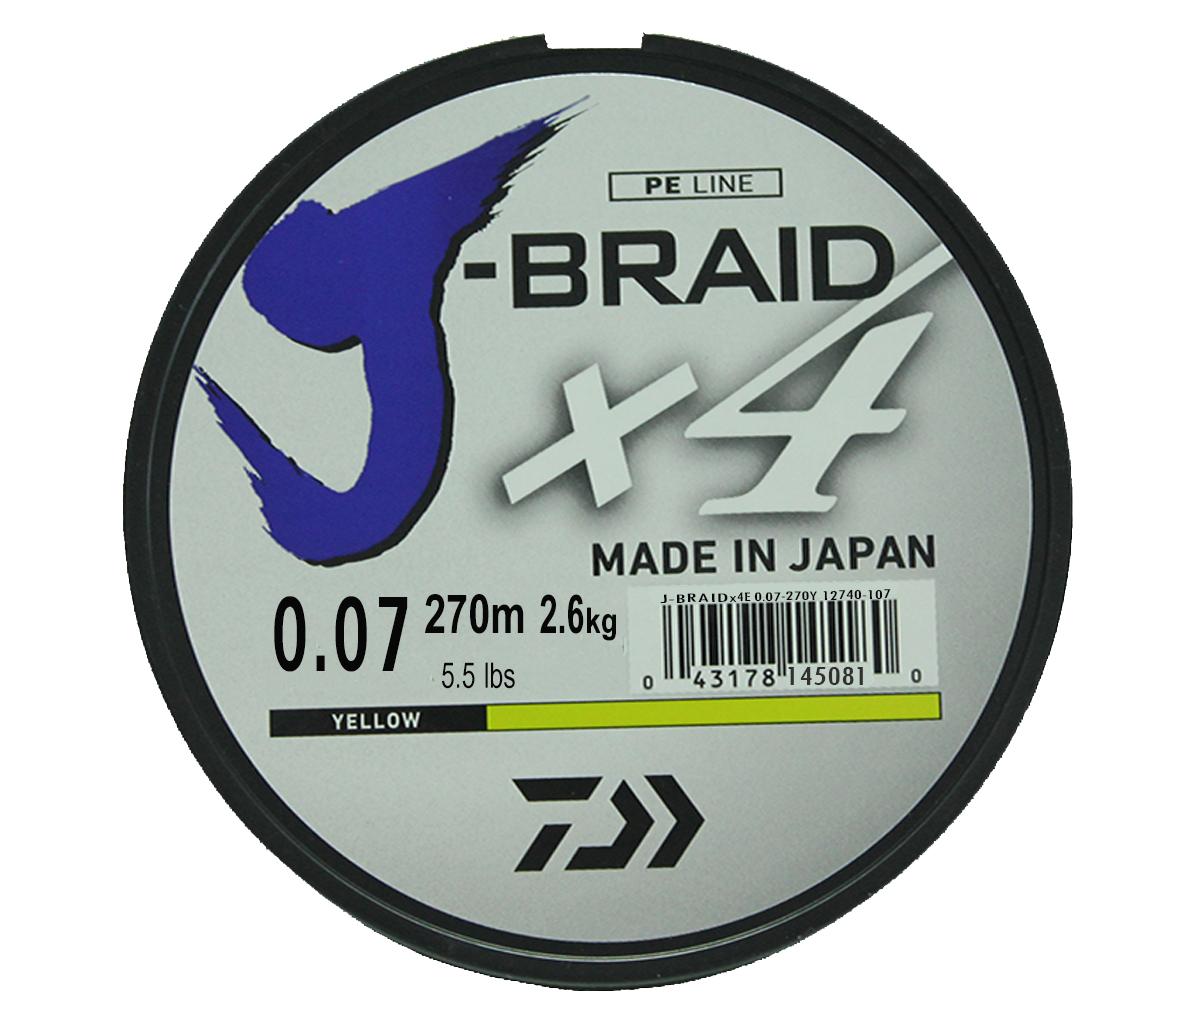 Шнур плетеный Daiwa J-Braid X4, цвет: флуоресцентный желтый, 270 м, 0,07 мм61145Новый четырехжильный шнур J-Braid от Daiwa - шнур высокого класса с удивительным соотношением цены и качества. Качество плетения полностью соответствует японским стандартам и удовлетворяет всем требованиям. Представленные диаметры позволяют использовать шнур для всех техник ловли, начиная от Ultra-Light ловли окуня, до морской ловли палтуса, трески и так далее.